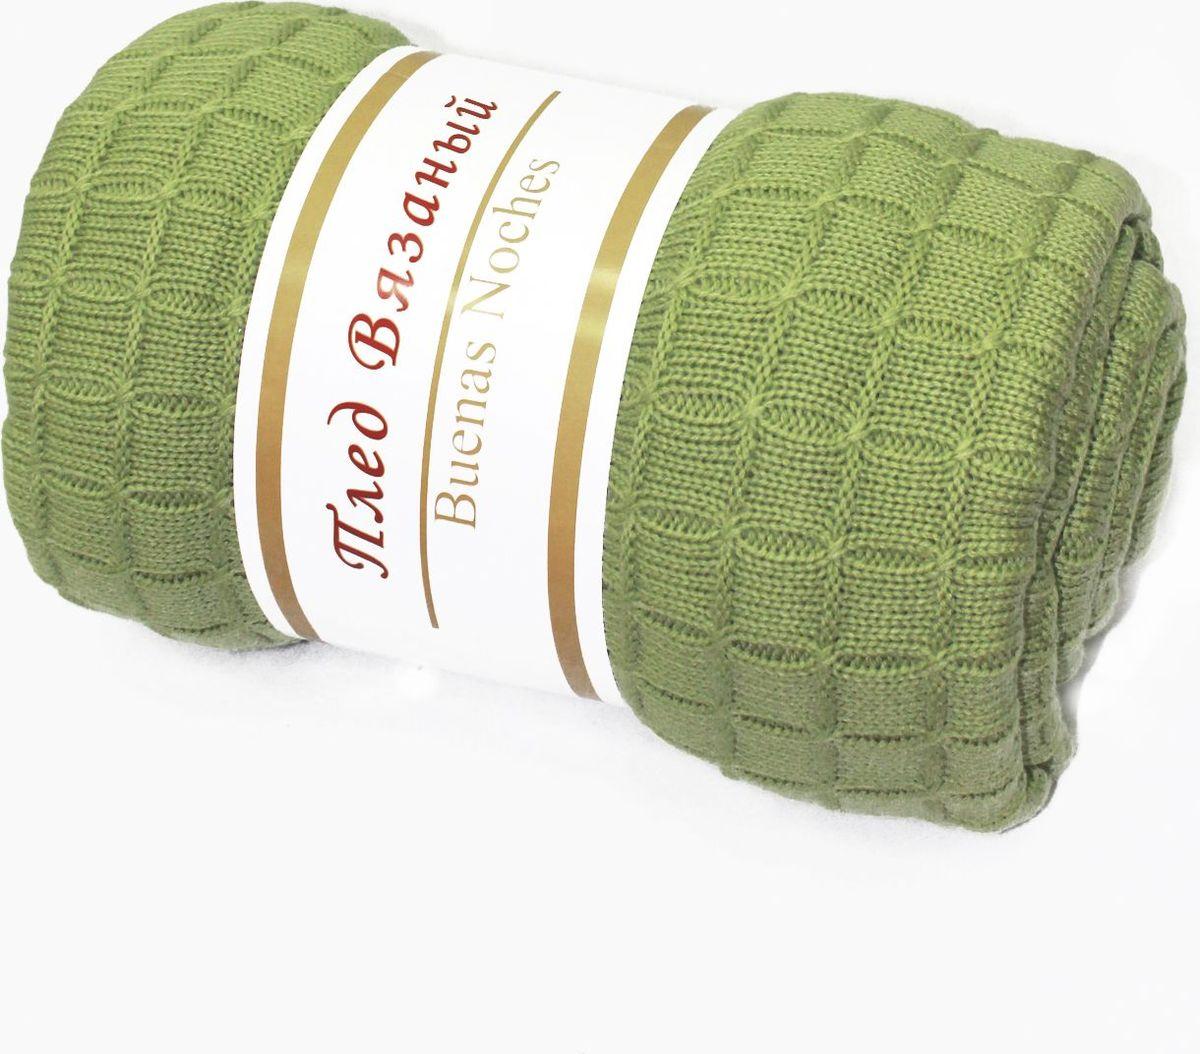 Плед Buenas Noches, цвет: зеленый, 130 х 160 см. 8511785117Вязаные пледы Amore Mia - отличный подарок себе и близким. Легкие, можно взять в дорогу, либо укрыть малыша. Оригинальная вязка, классические цвета.